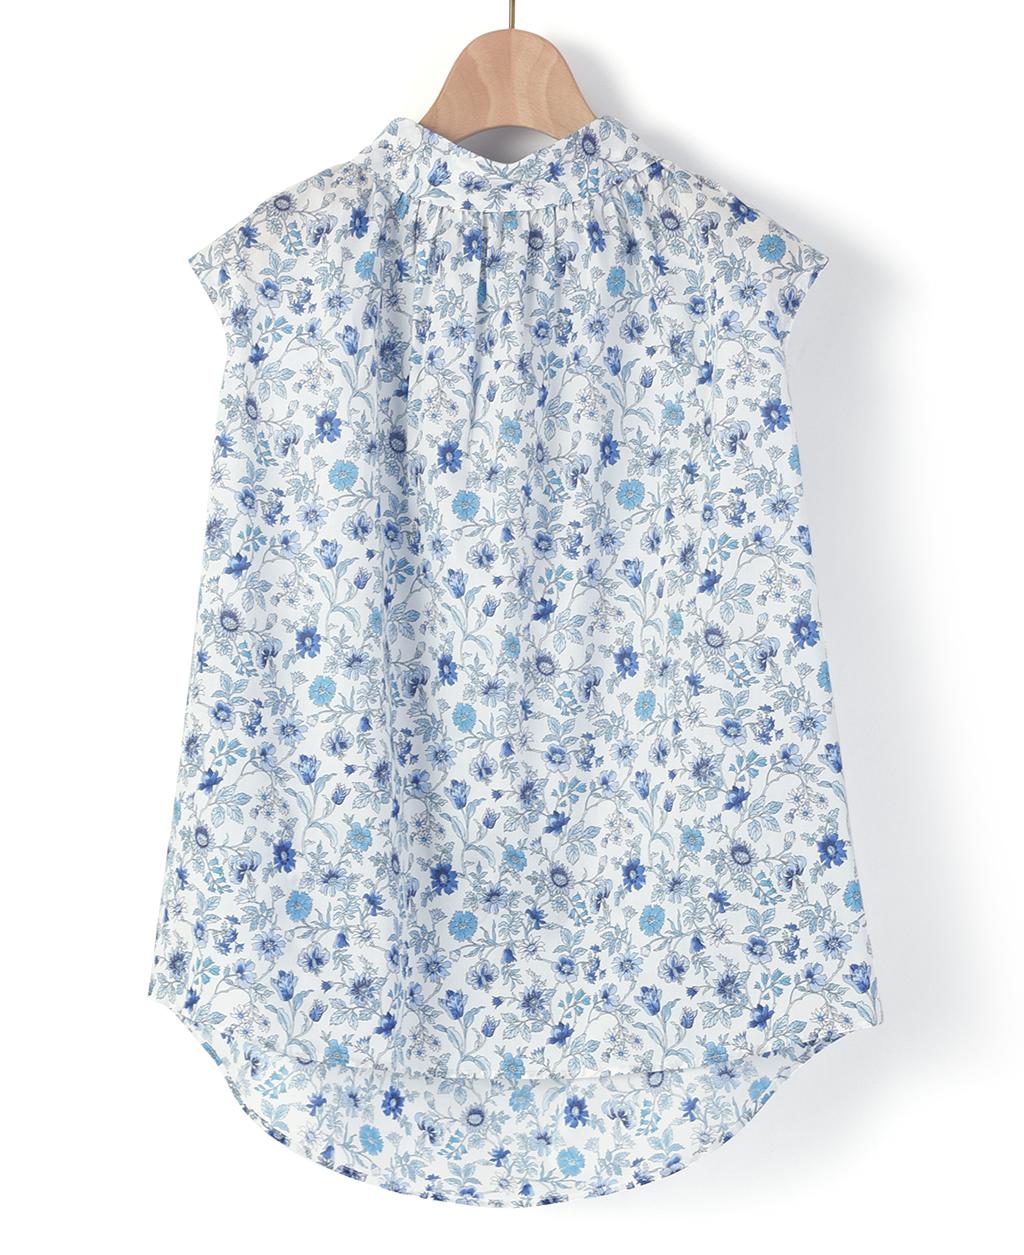 66c85fc3d3f29b ブラウス(36サイズ / 7号 ブルー系): レディース | メーカーズシャツ鎌倉 ...